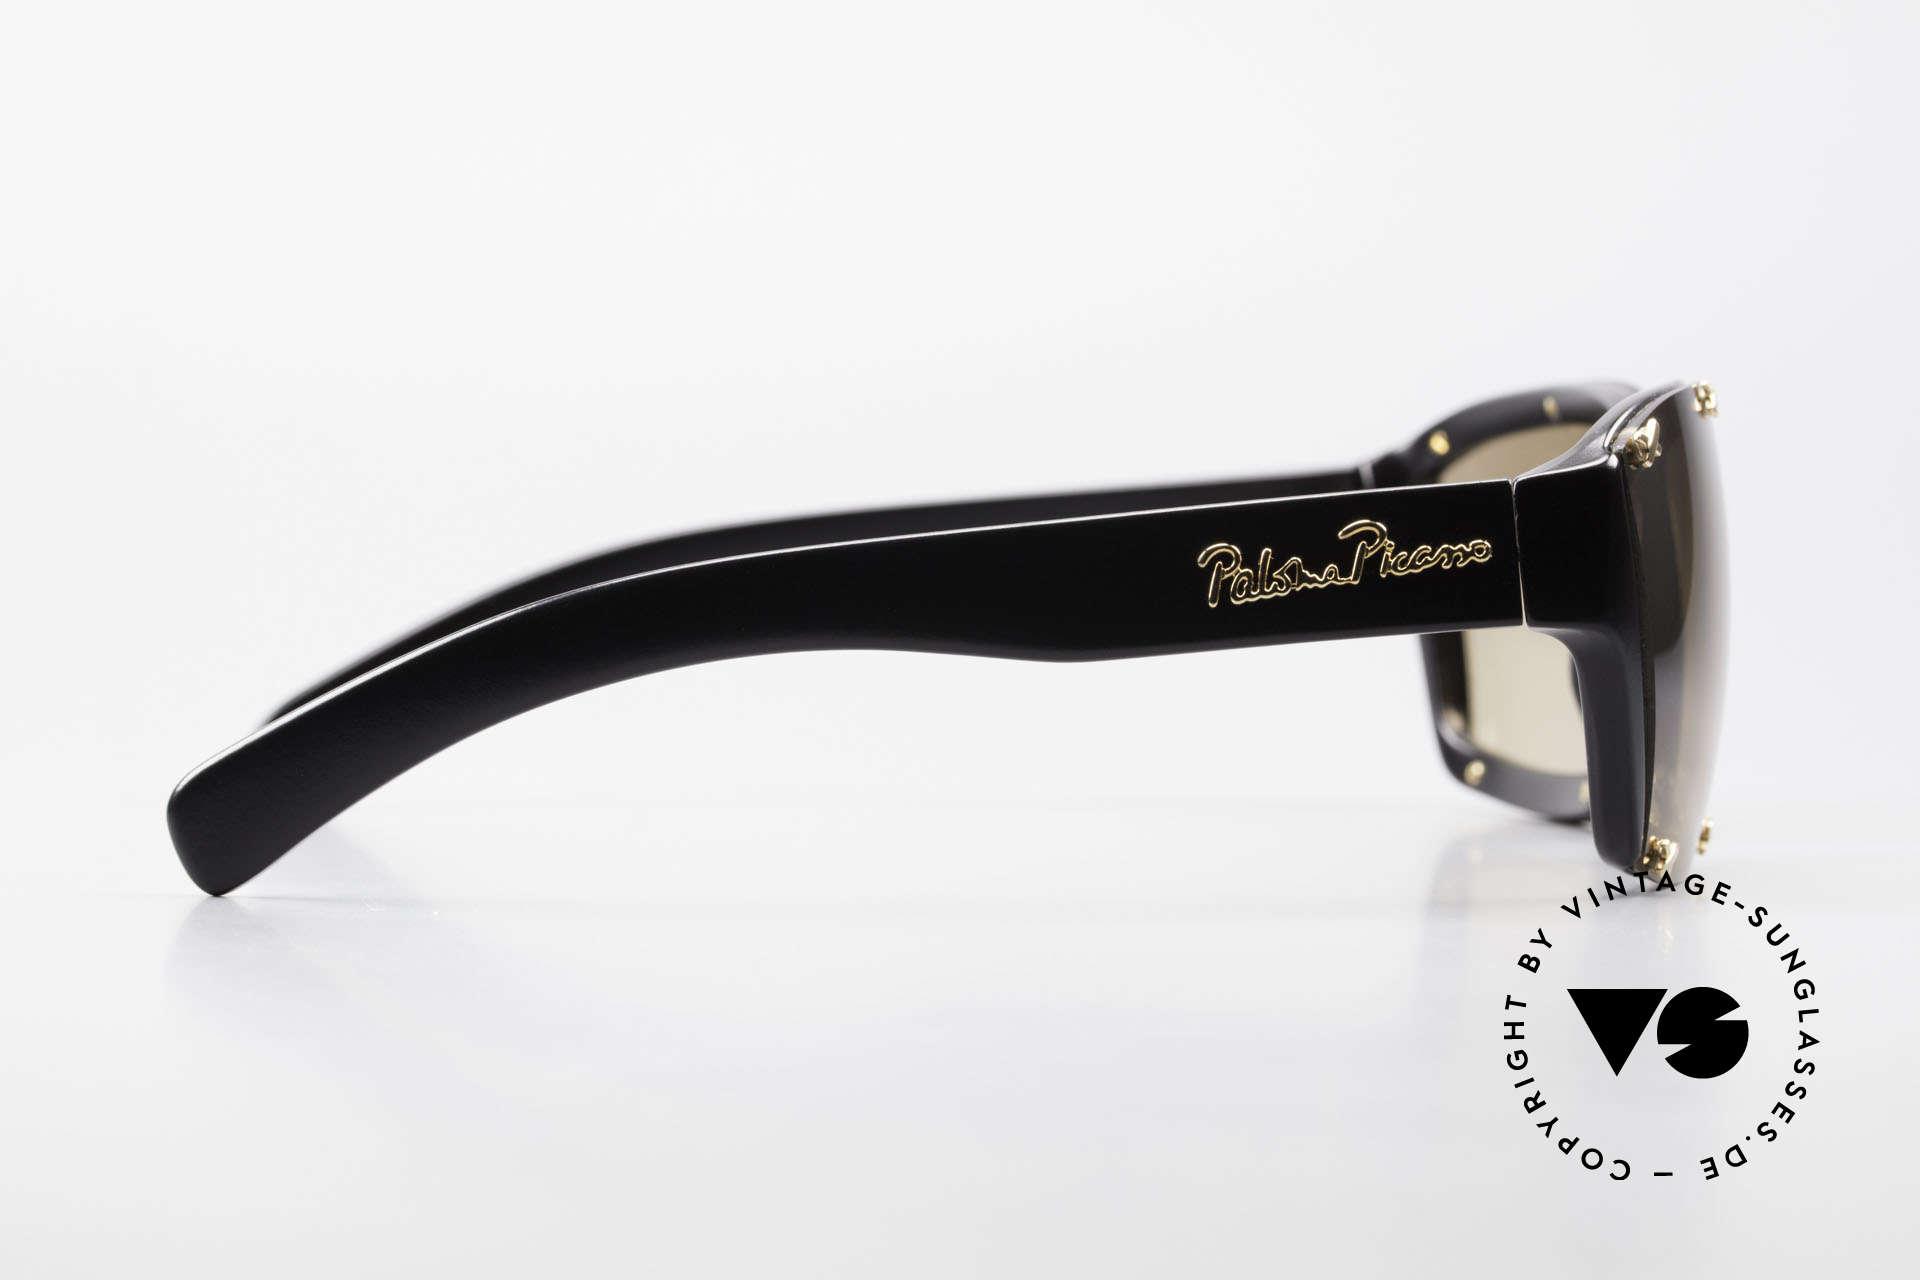 Paloma Picasso 3702 No Retro Sunglasses True 90's, NO RETRO style shades! but a proud original one!, Made for Women